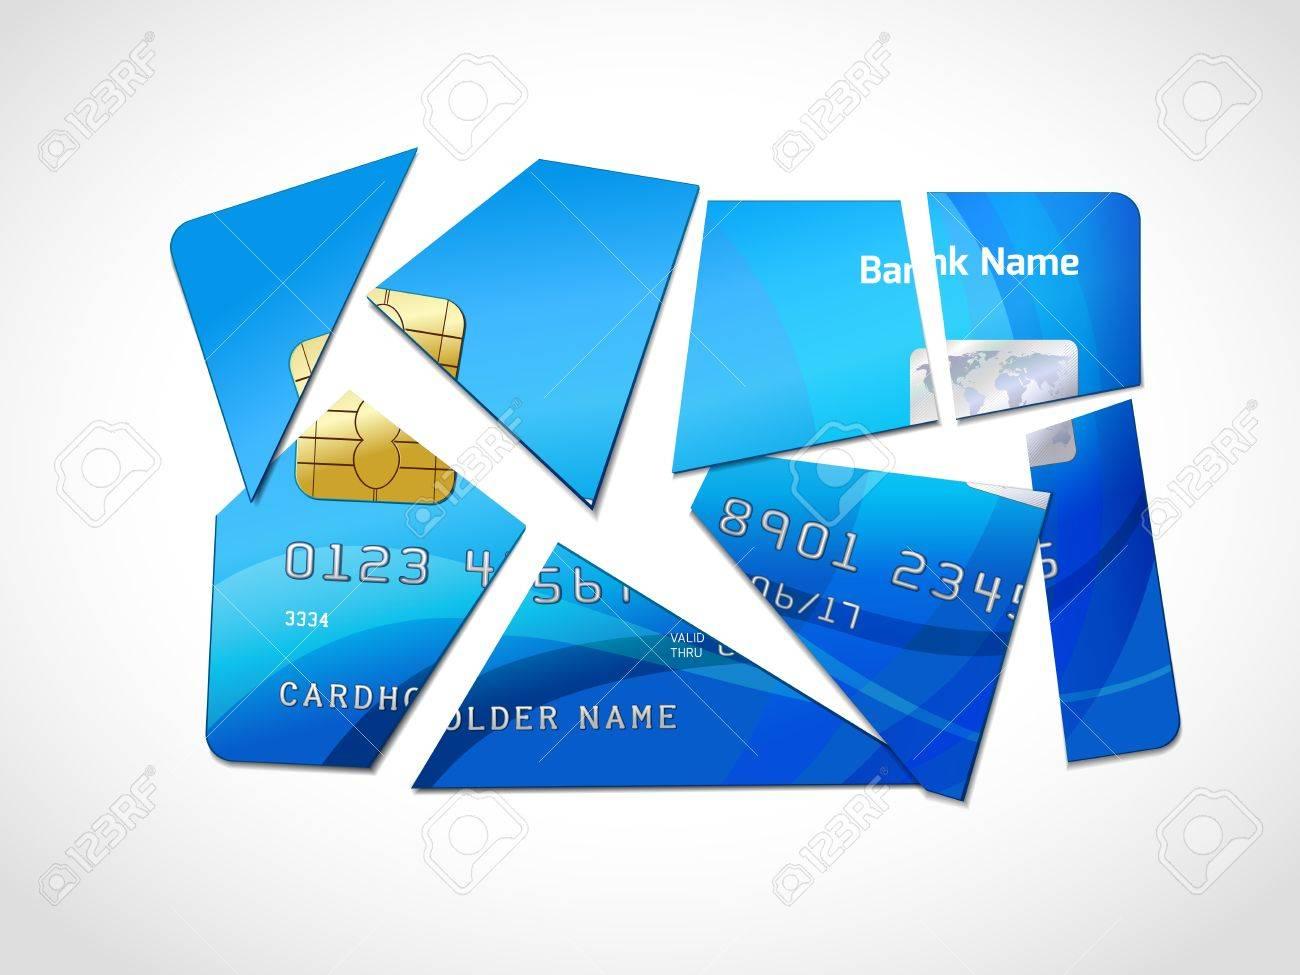 Broken credit card default debt bankruptcy symbol isolated broken credit card default debt bankruptcy symbol isolated illustration foto de archivo 26330510 buycottarizona Gallery